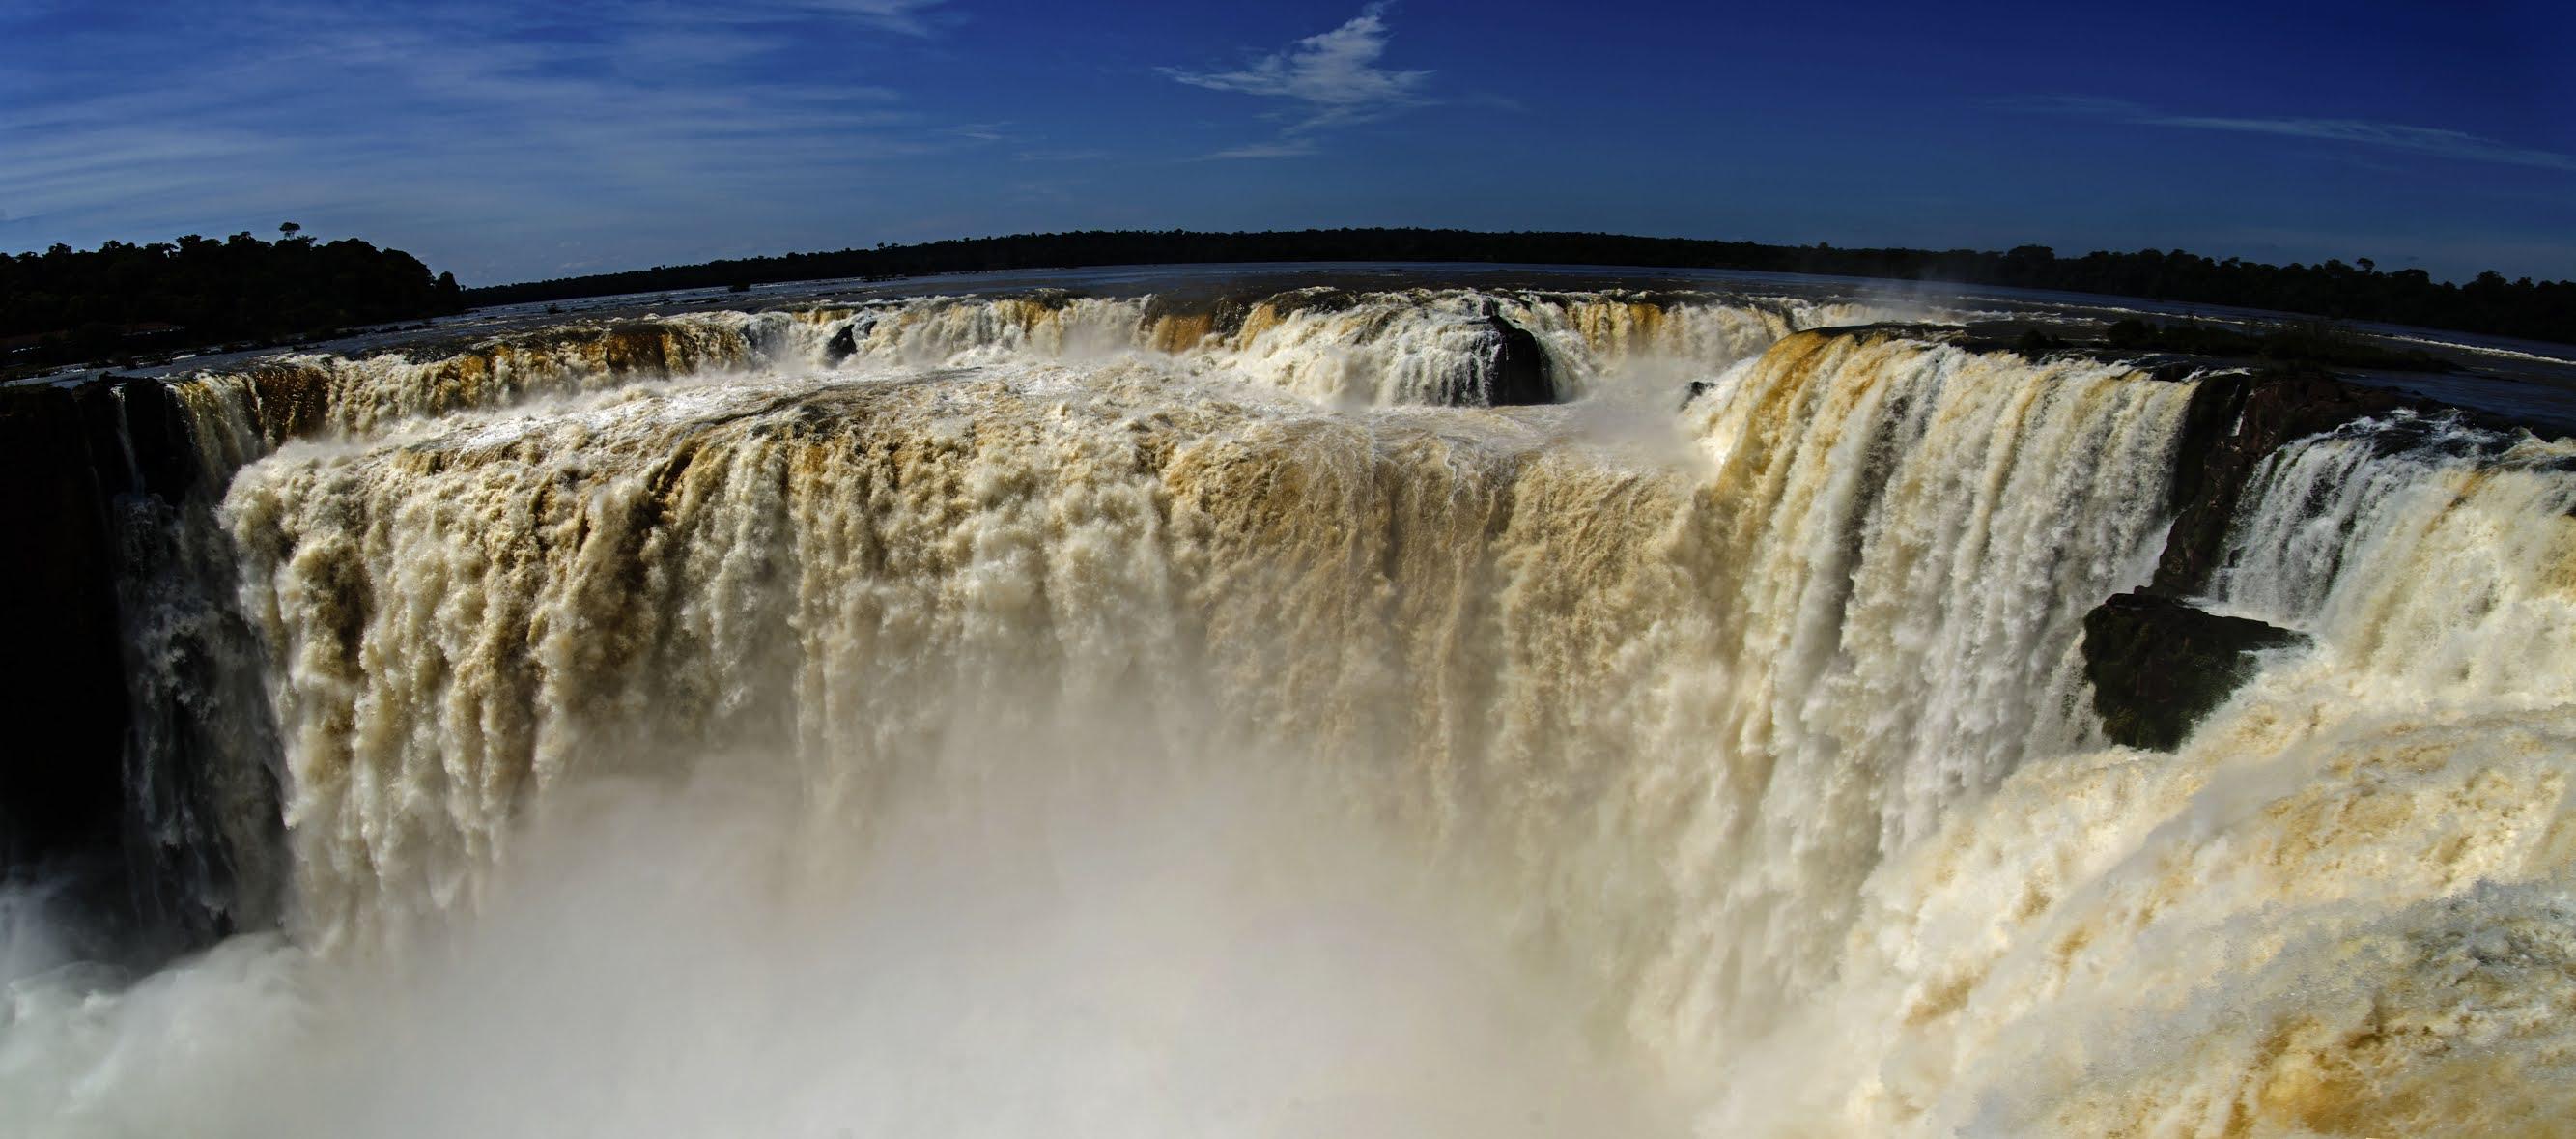 Дьявольское горло водопада в парке Игуасу в Аргентине